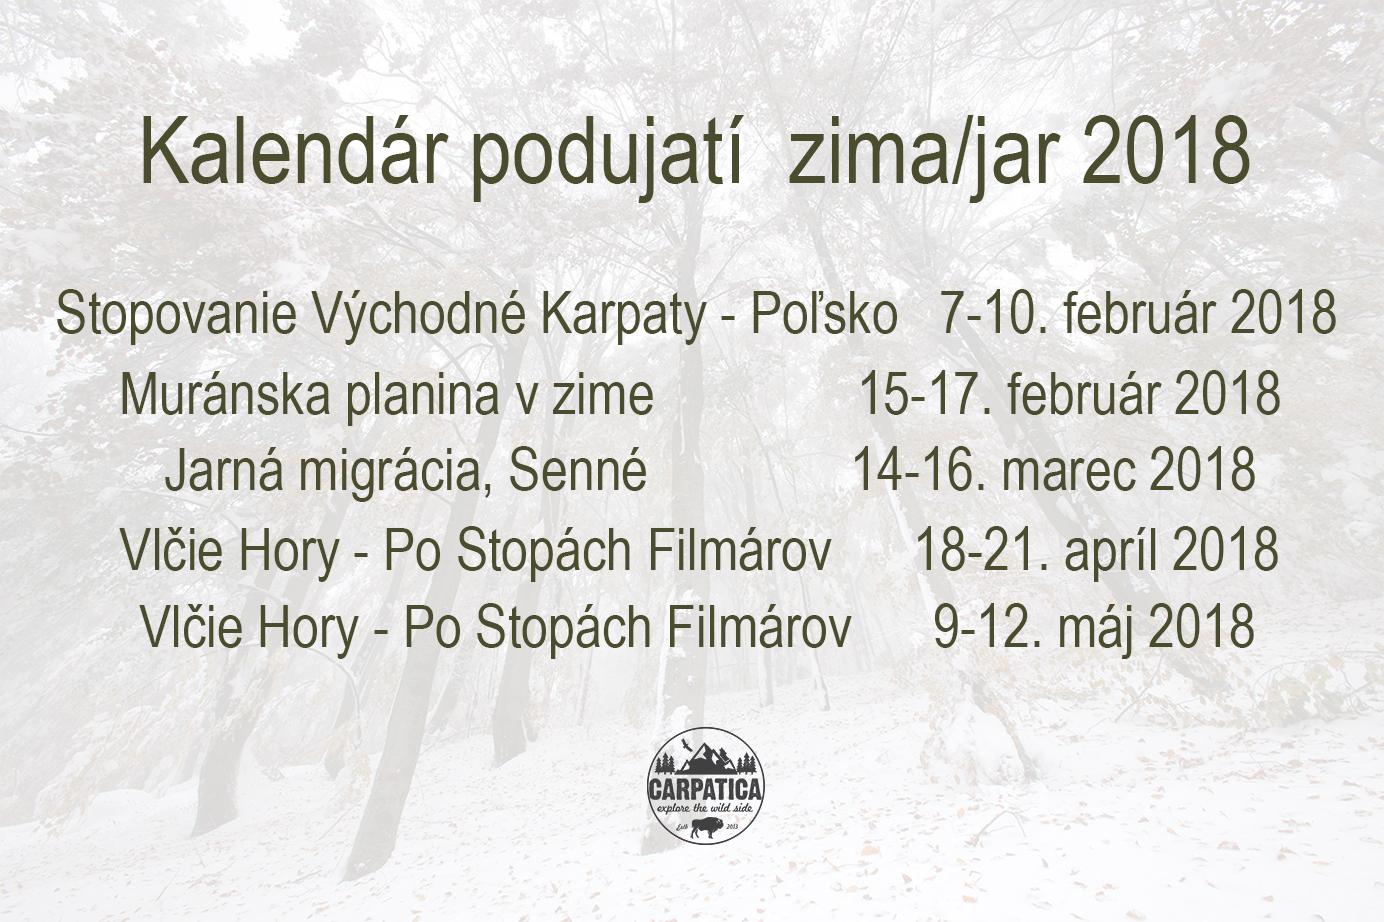 kalendár-podujatí-zimajar-2018